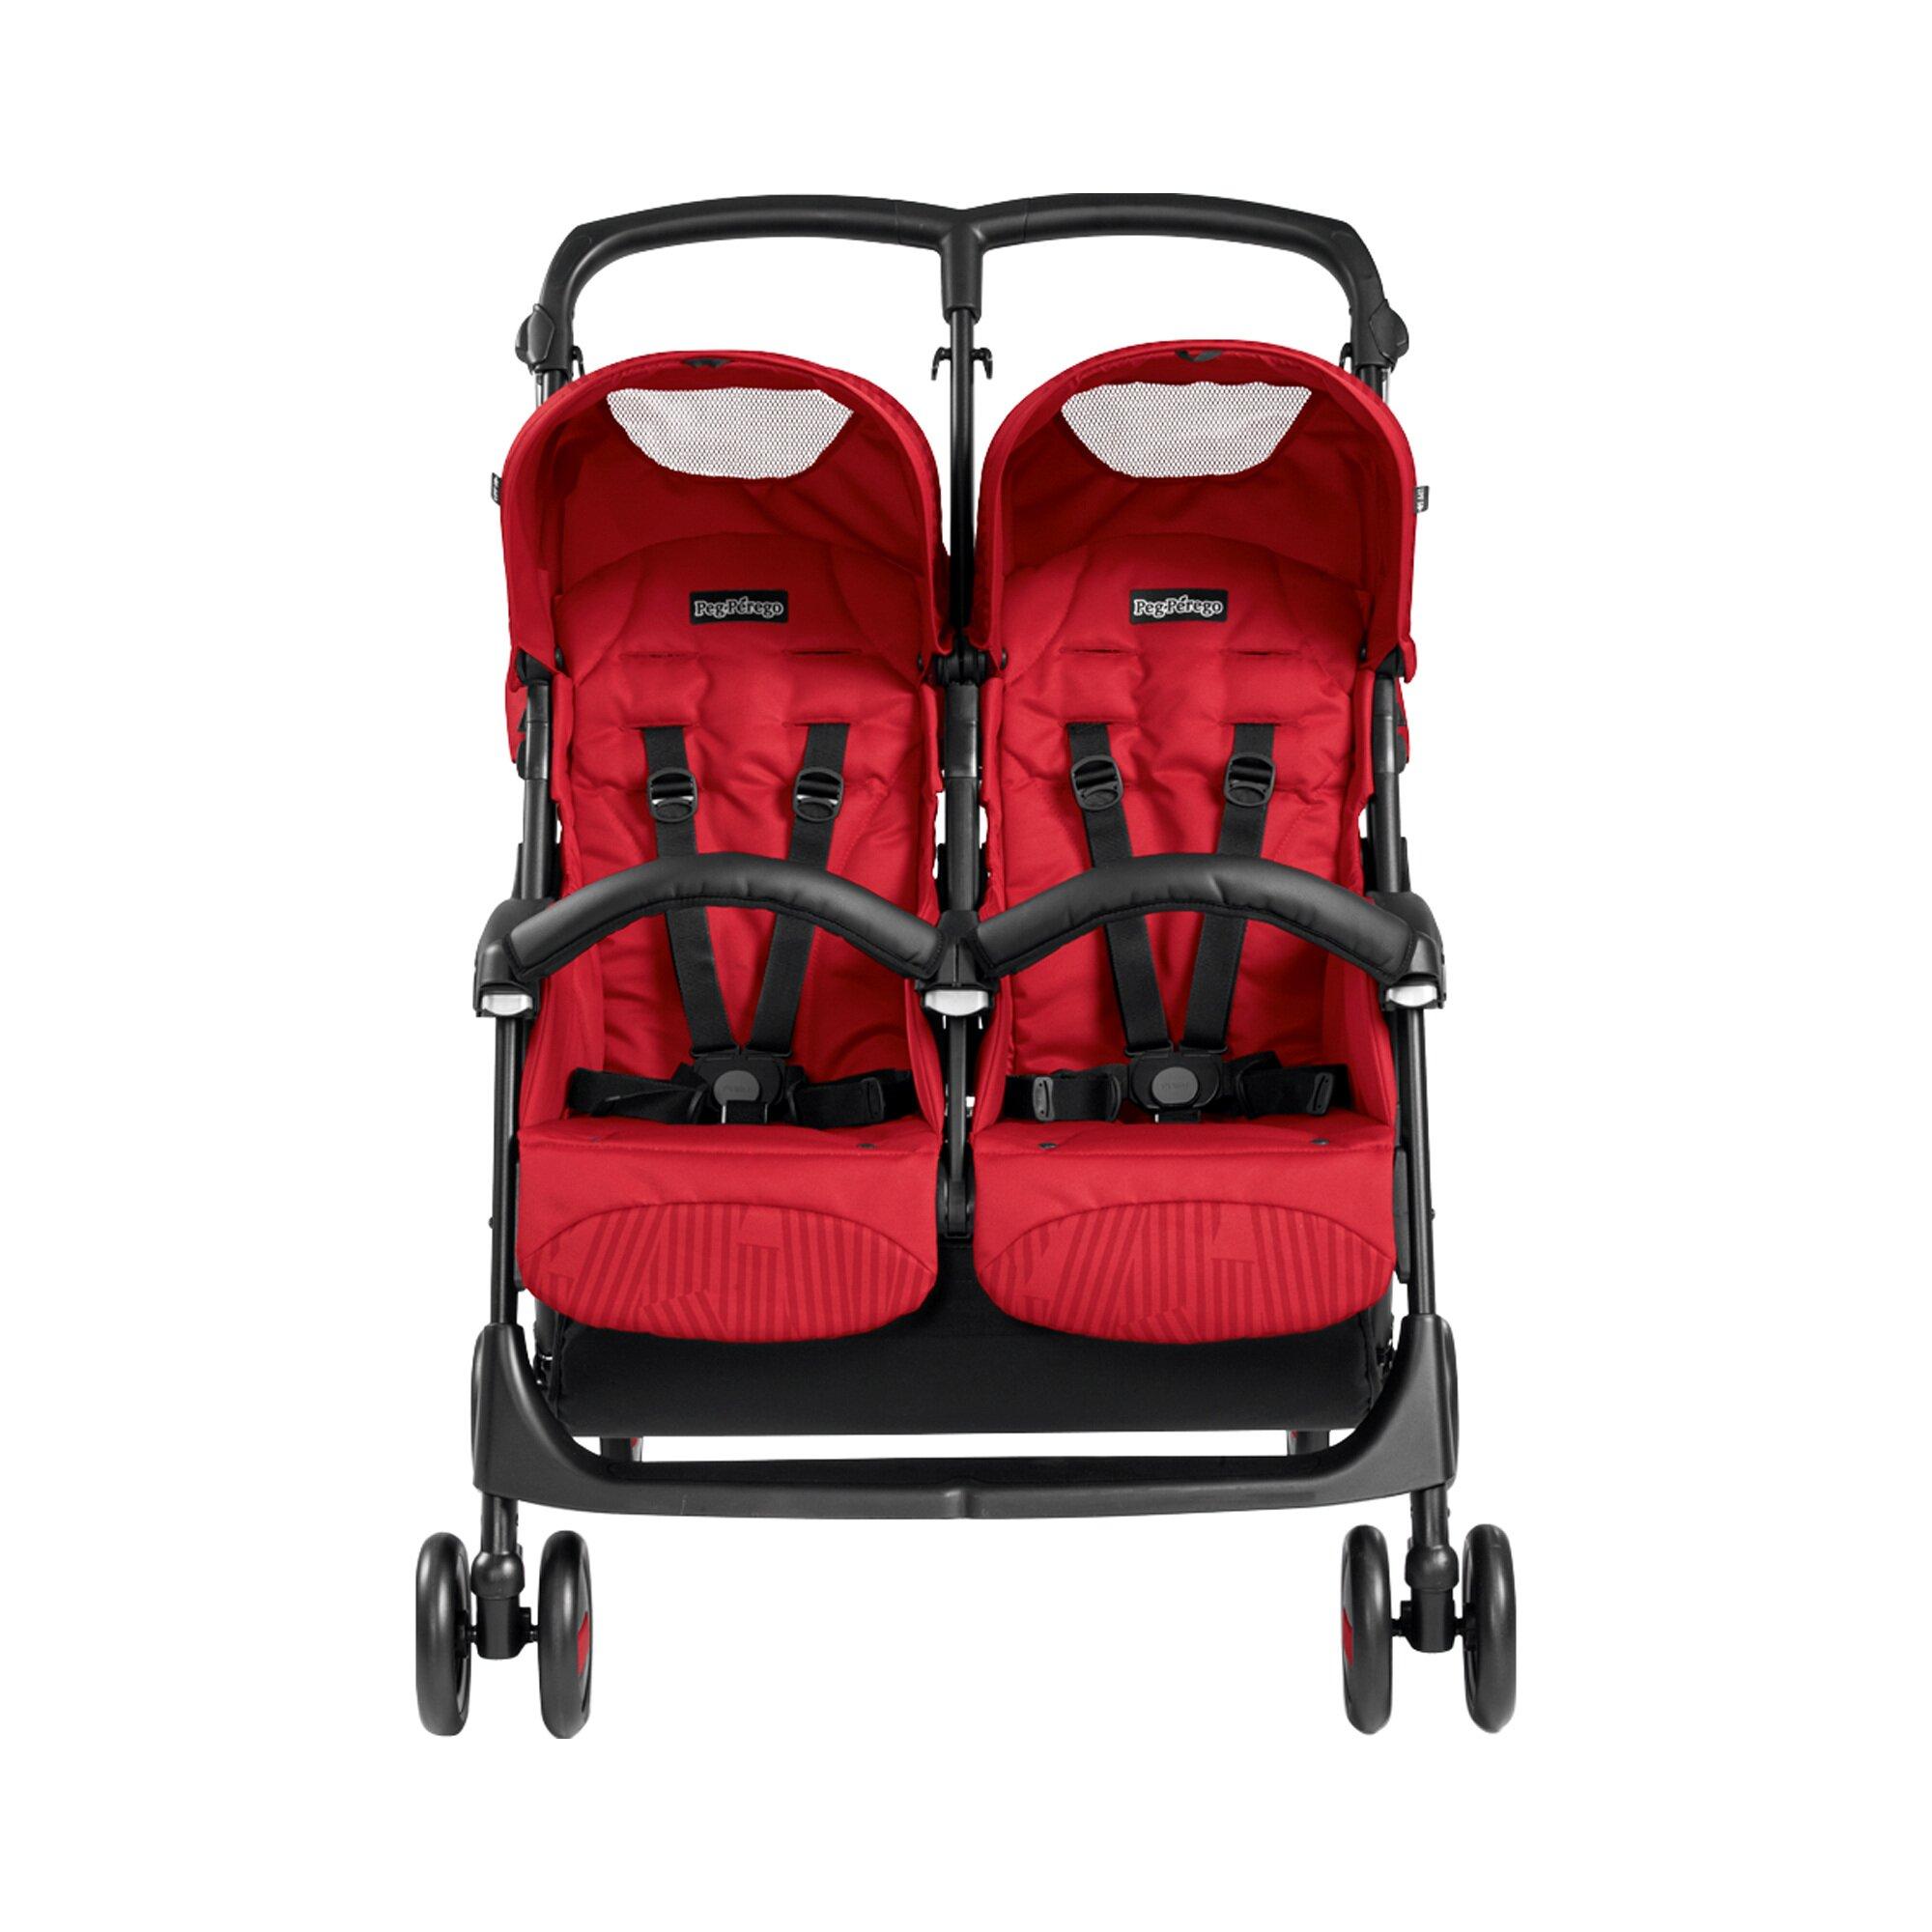 peg-perego-aria-shopper-twin-zwillings-und-kinderwagen-geschwisterwagen-design-2018-rot